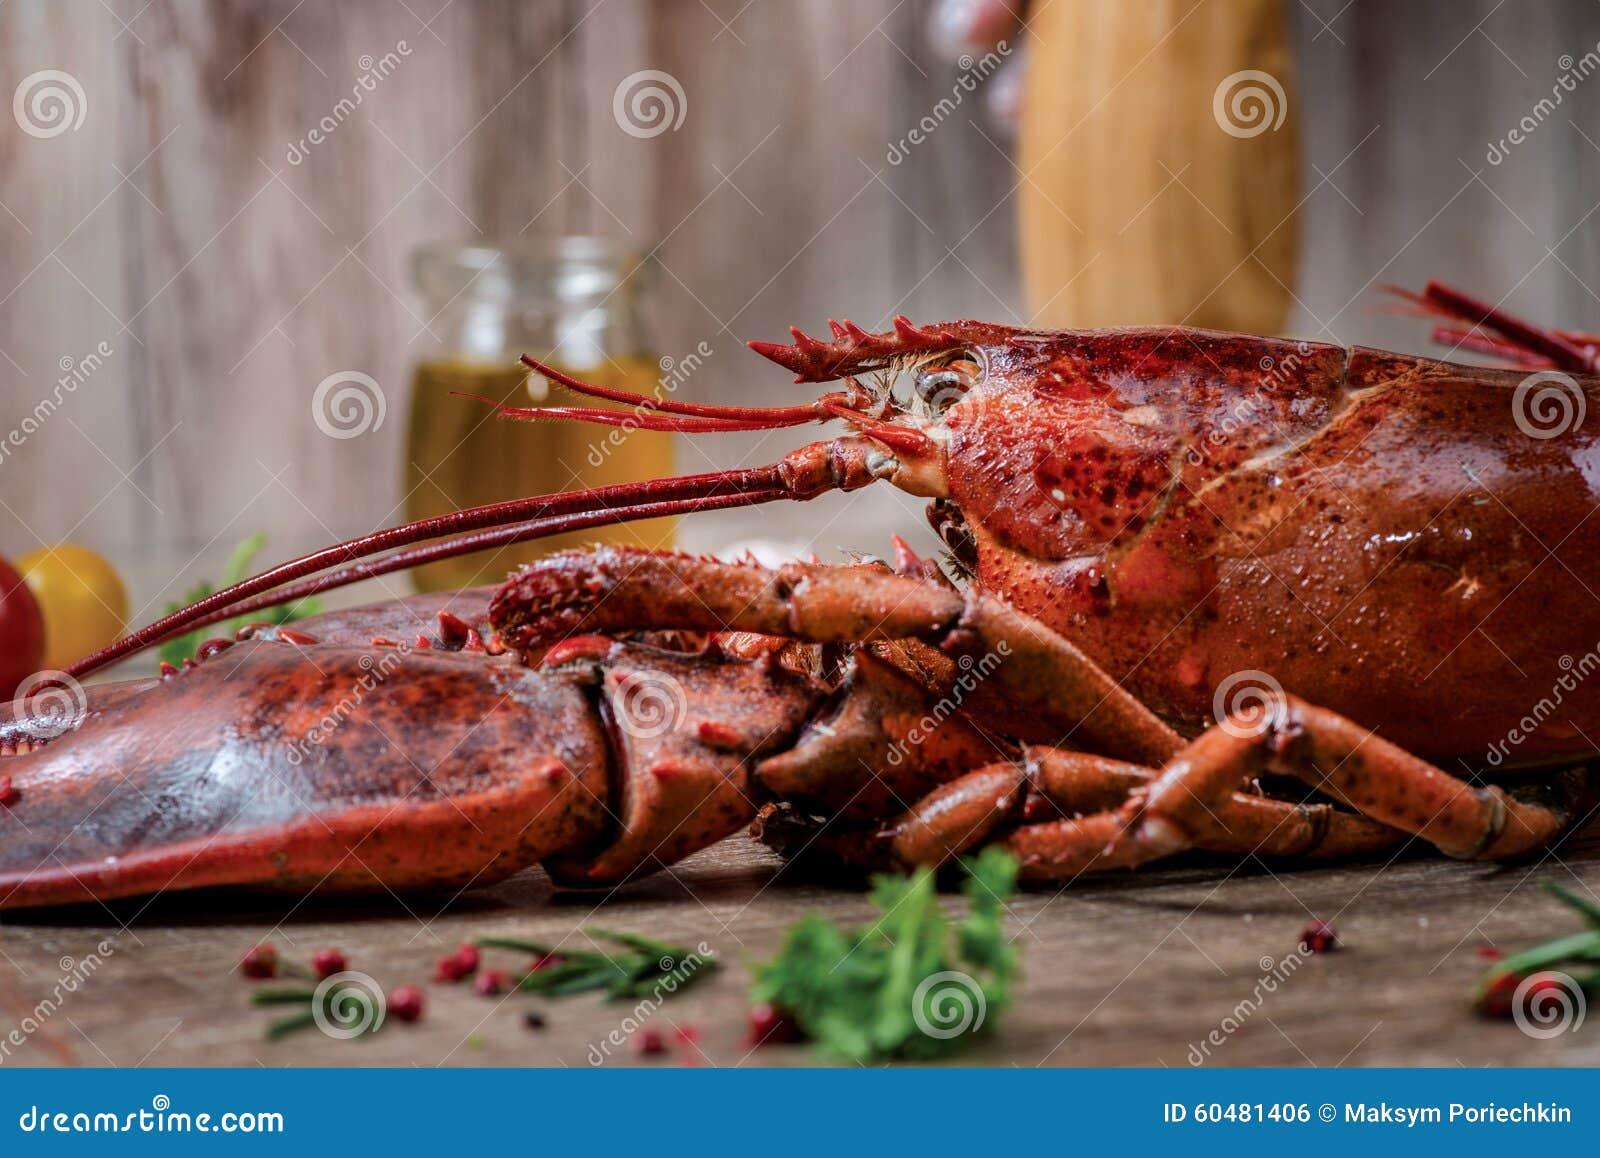 Zeevruchtenzeekreeften Verse mooie grote overzeese zeekreeften heerlijk